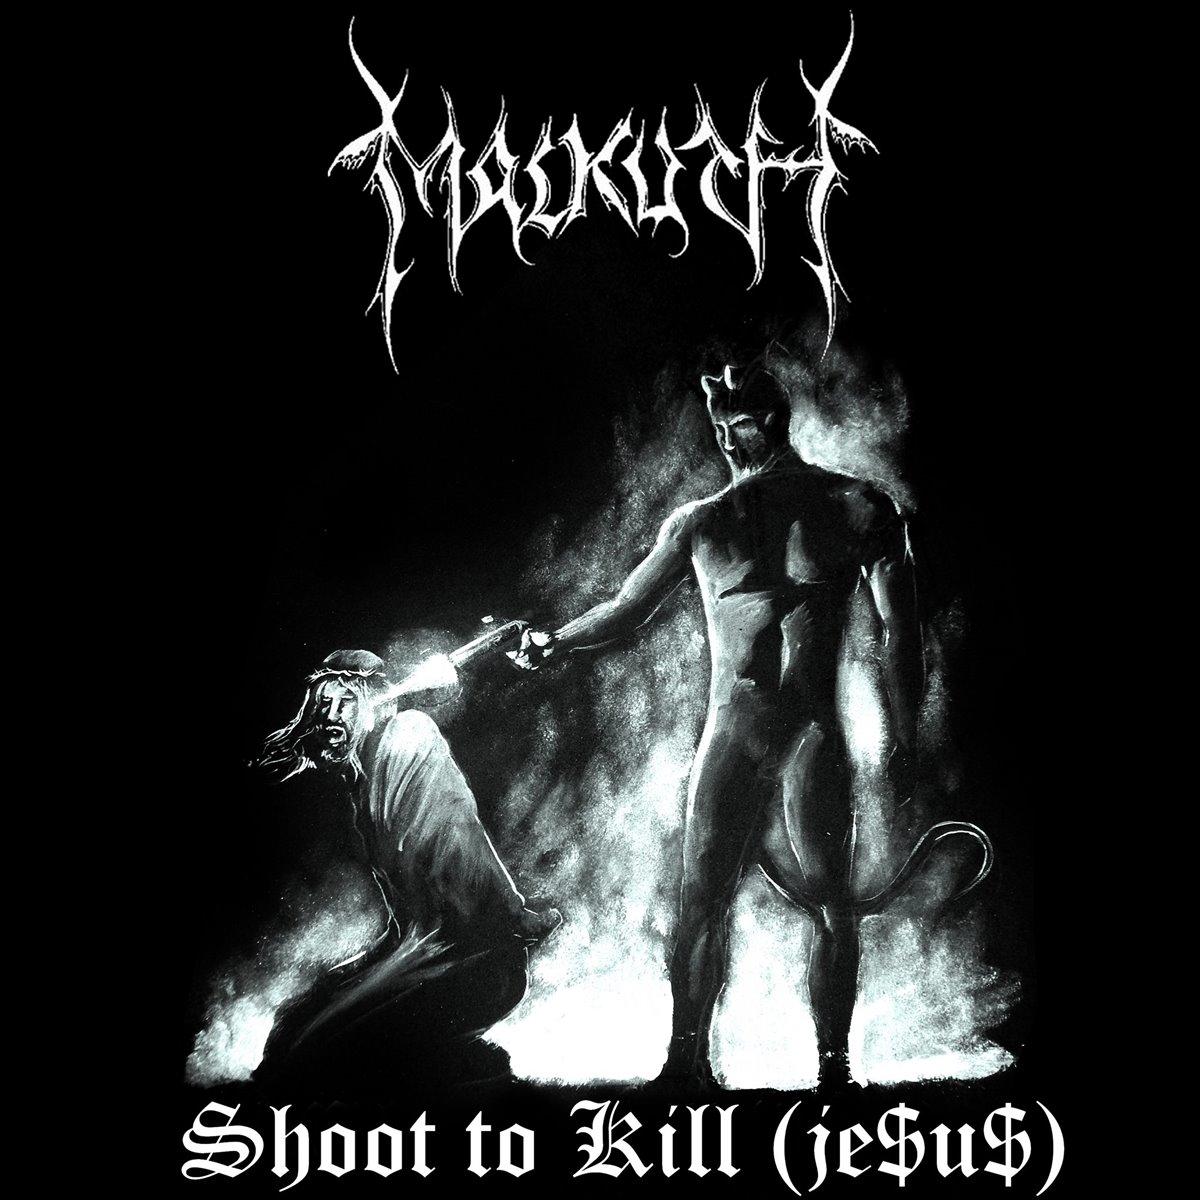 Malkuth - Shoot to Kill (Je$us)